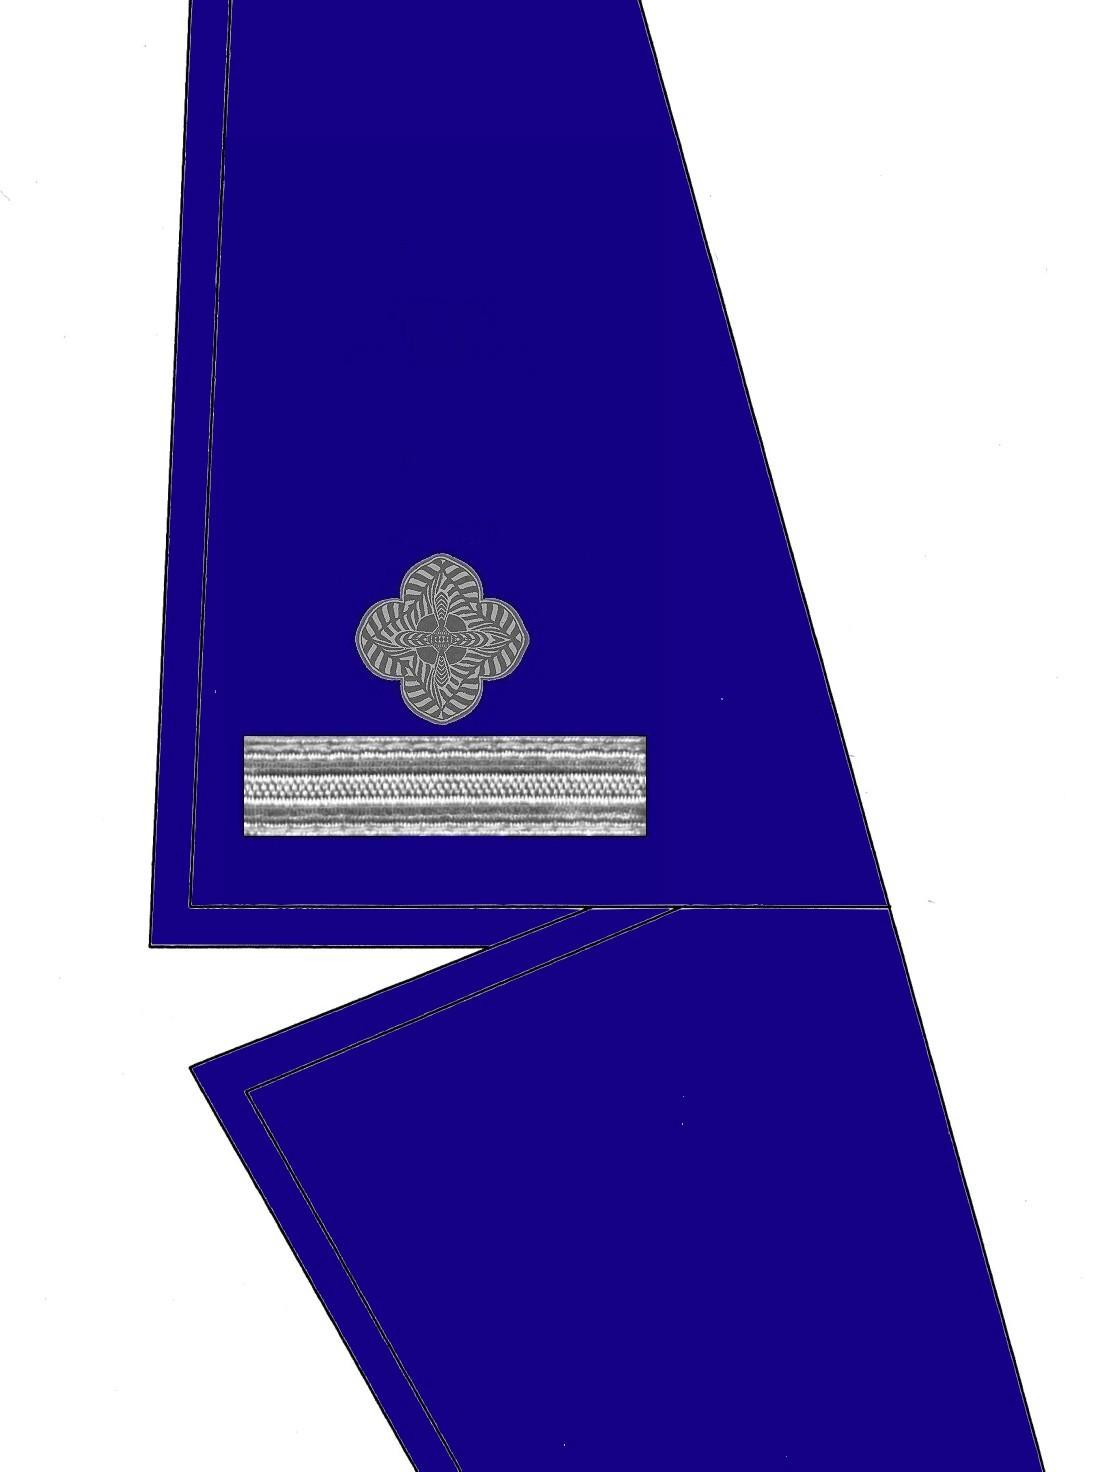 05-kragen-rangabzeichen-wachtmeister-hg-blau